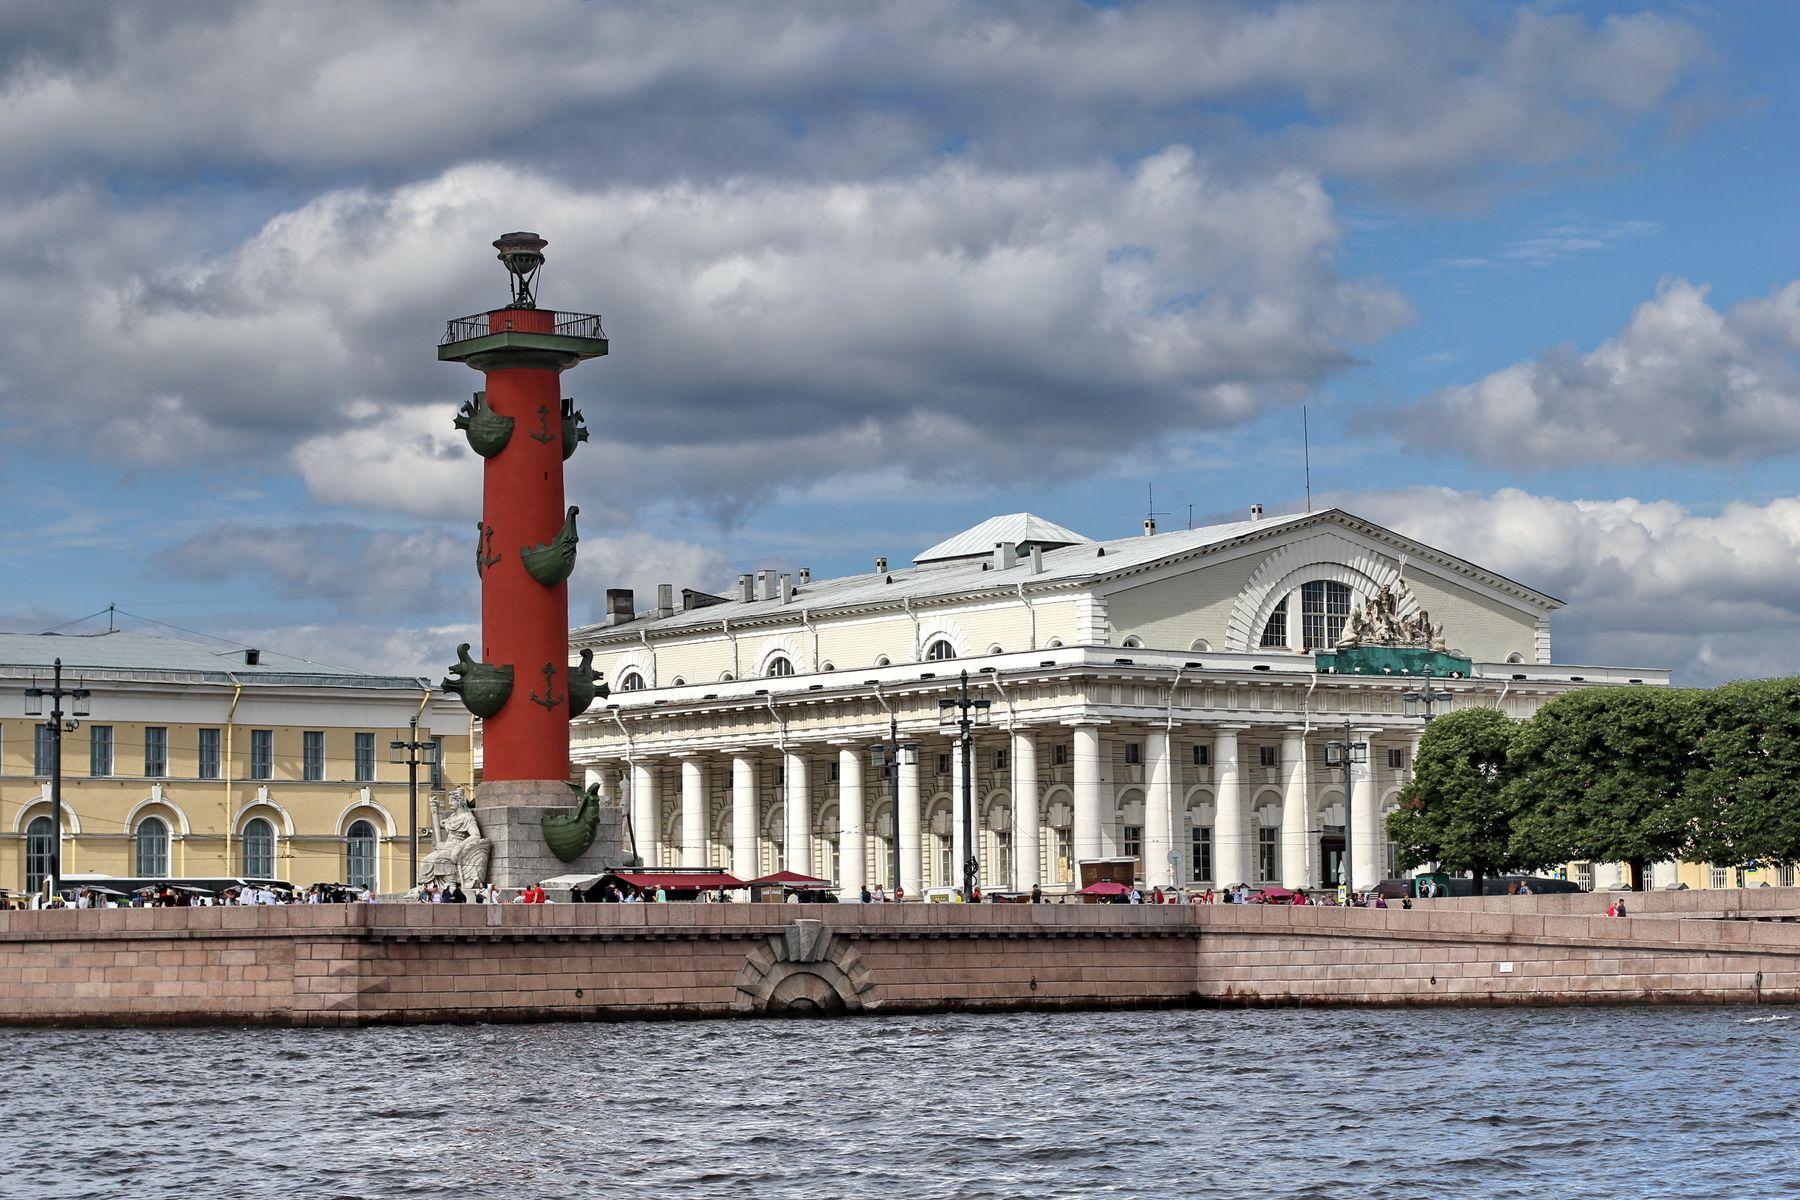 Здание биржи Санкт-Петербург биржа Нева город архитектура